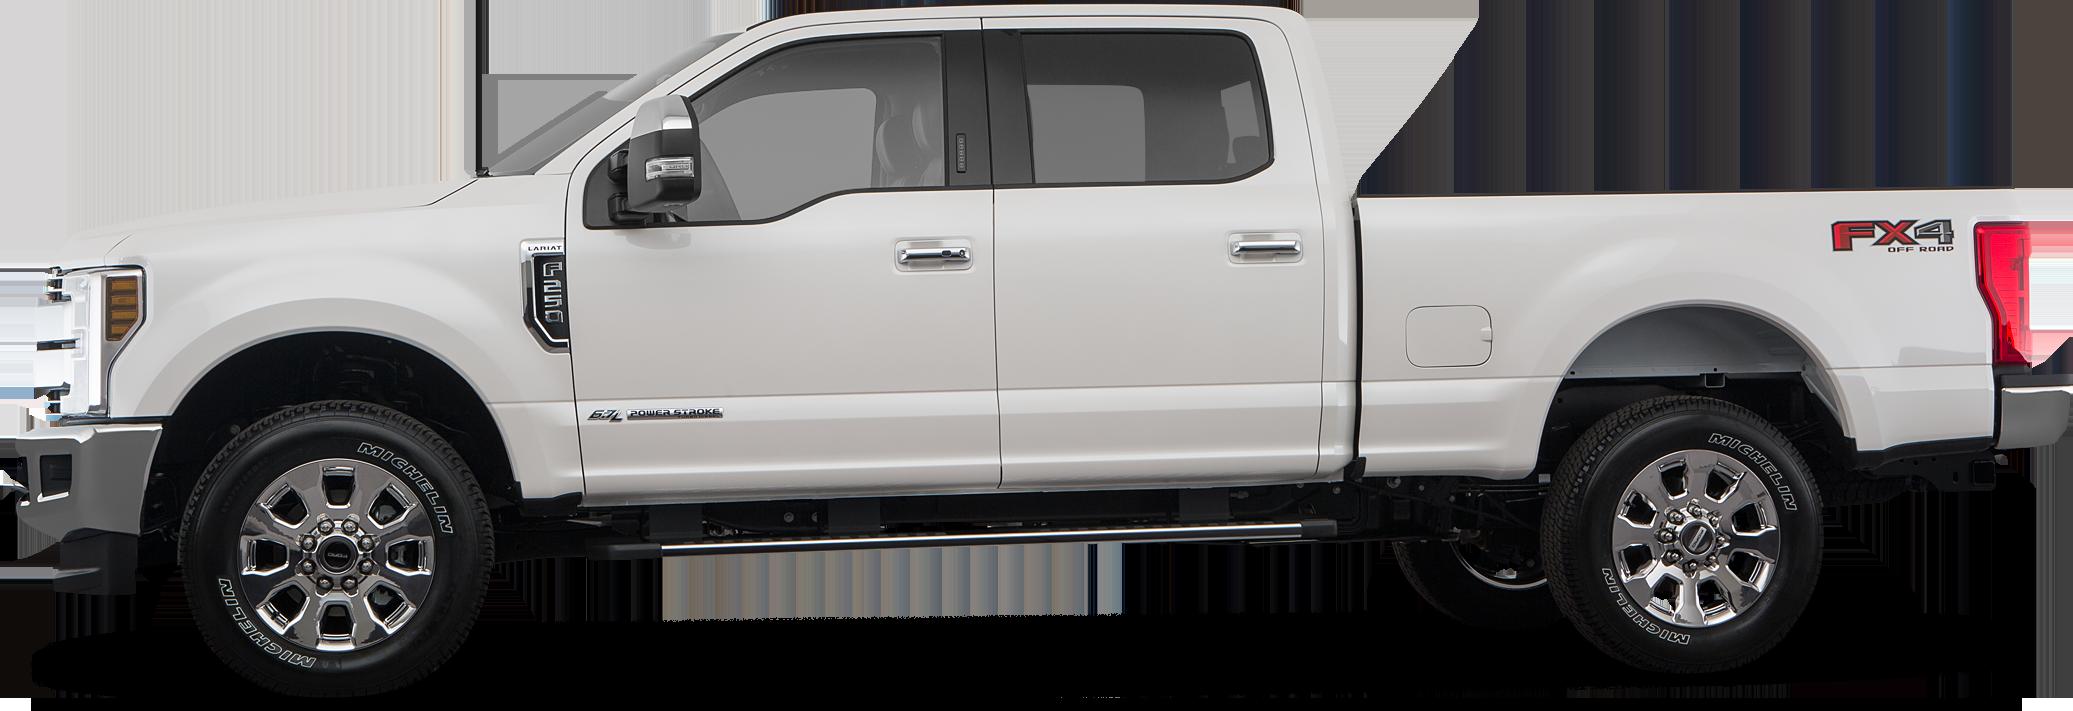 2019 Ford F-250 Truck Lariat